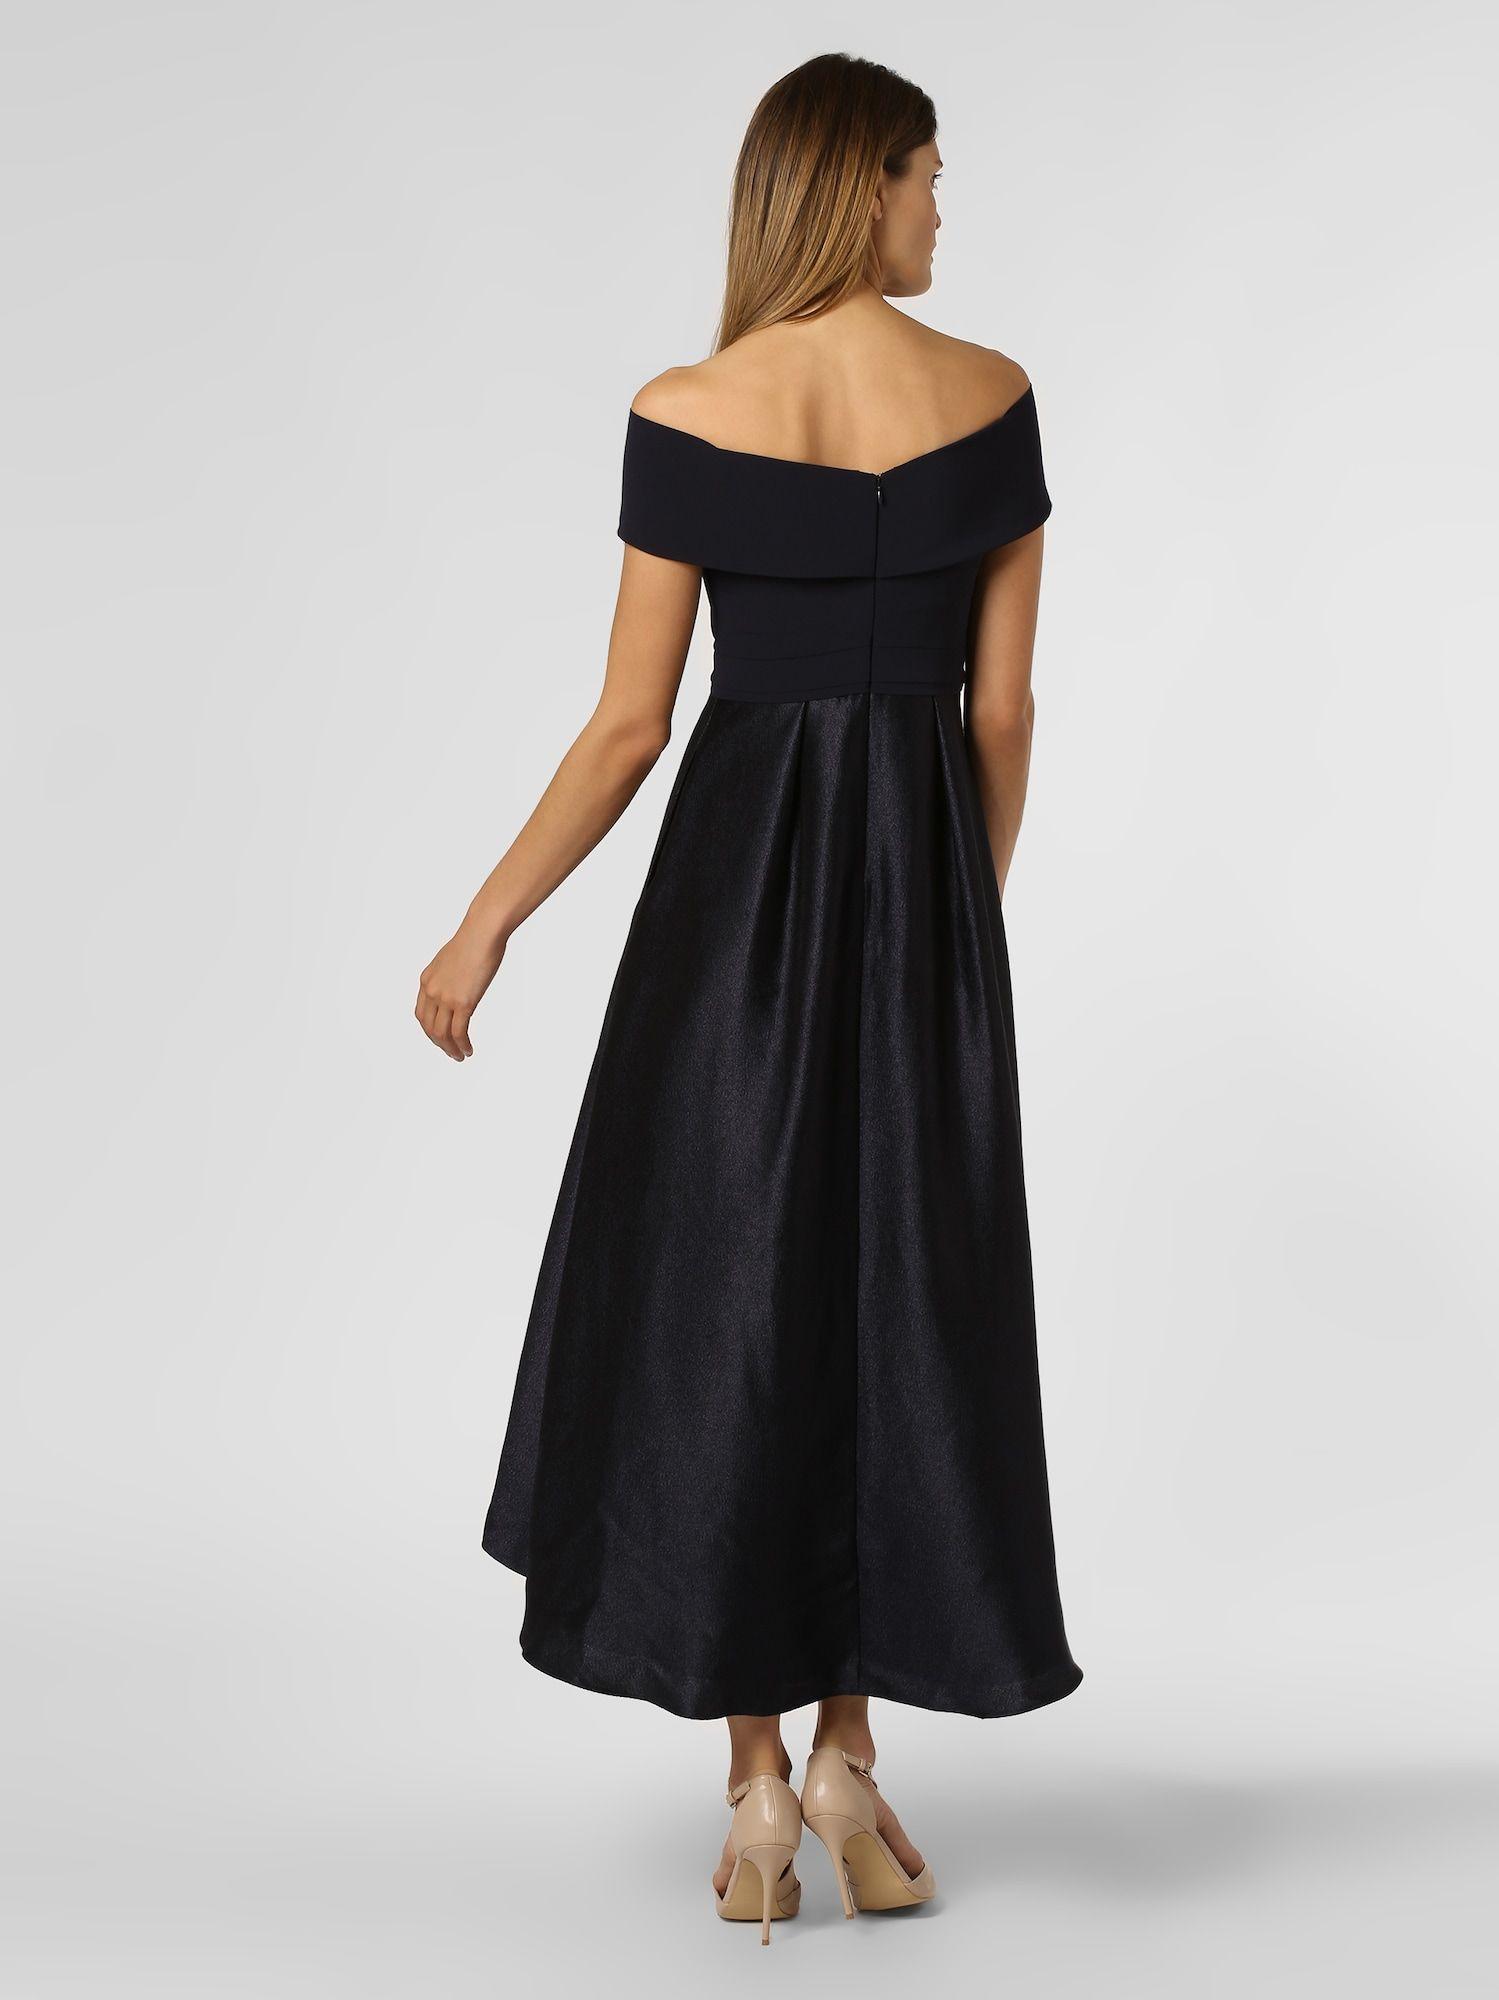 Apriori Abendkleid Damen, Schwarz, Größe 36 | Abendkleid ...